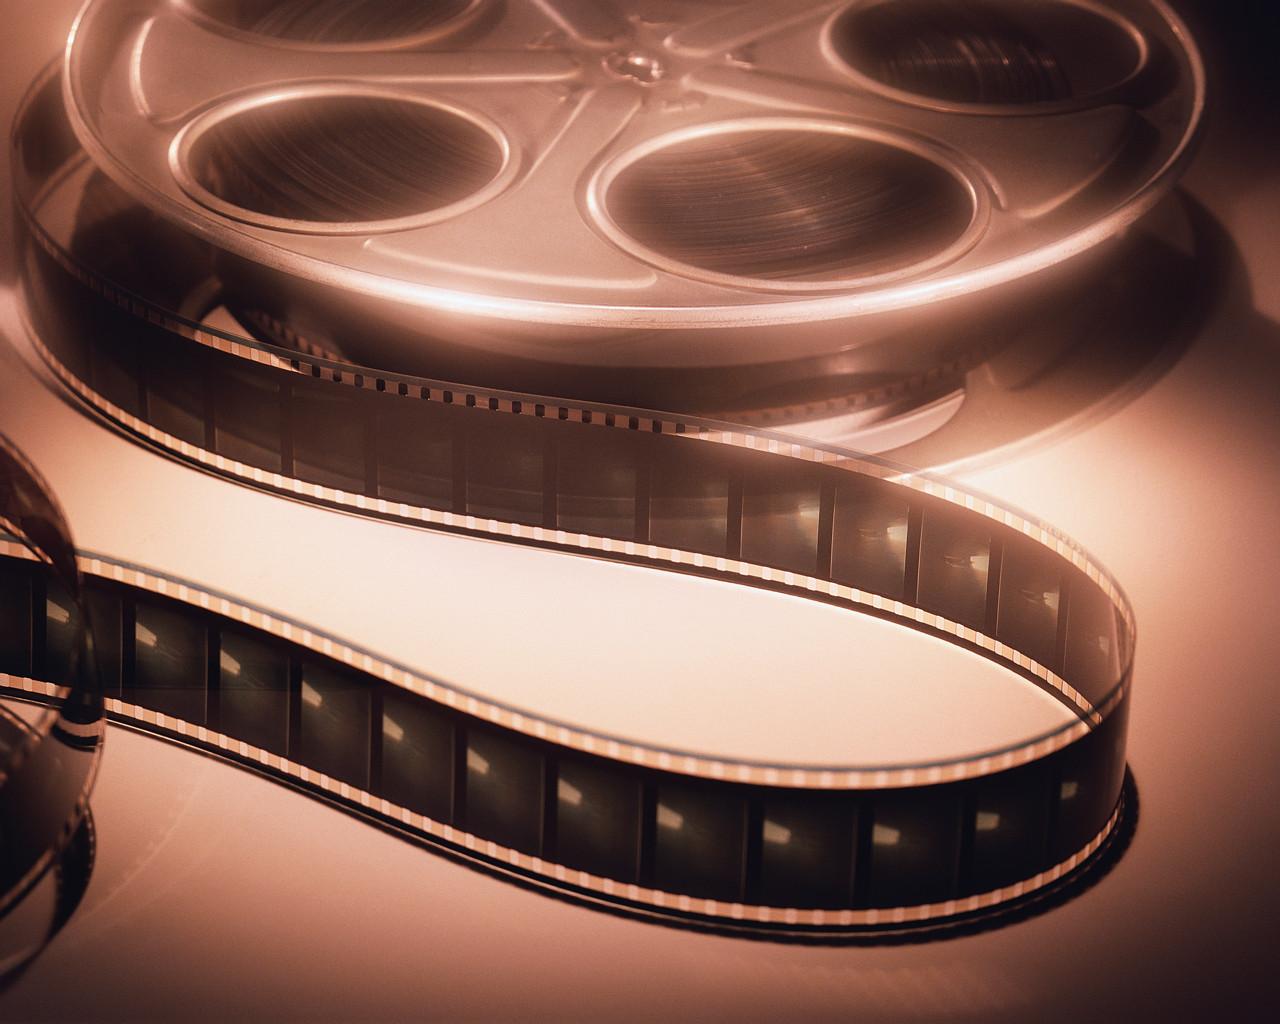 Krótkie recenzje filmowe (4 w 1)